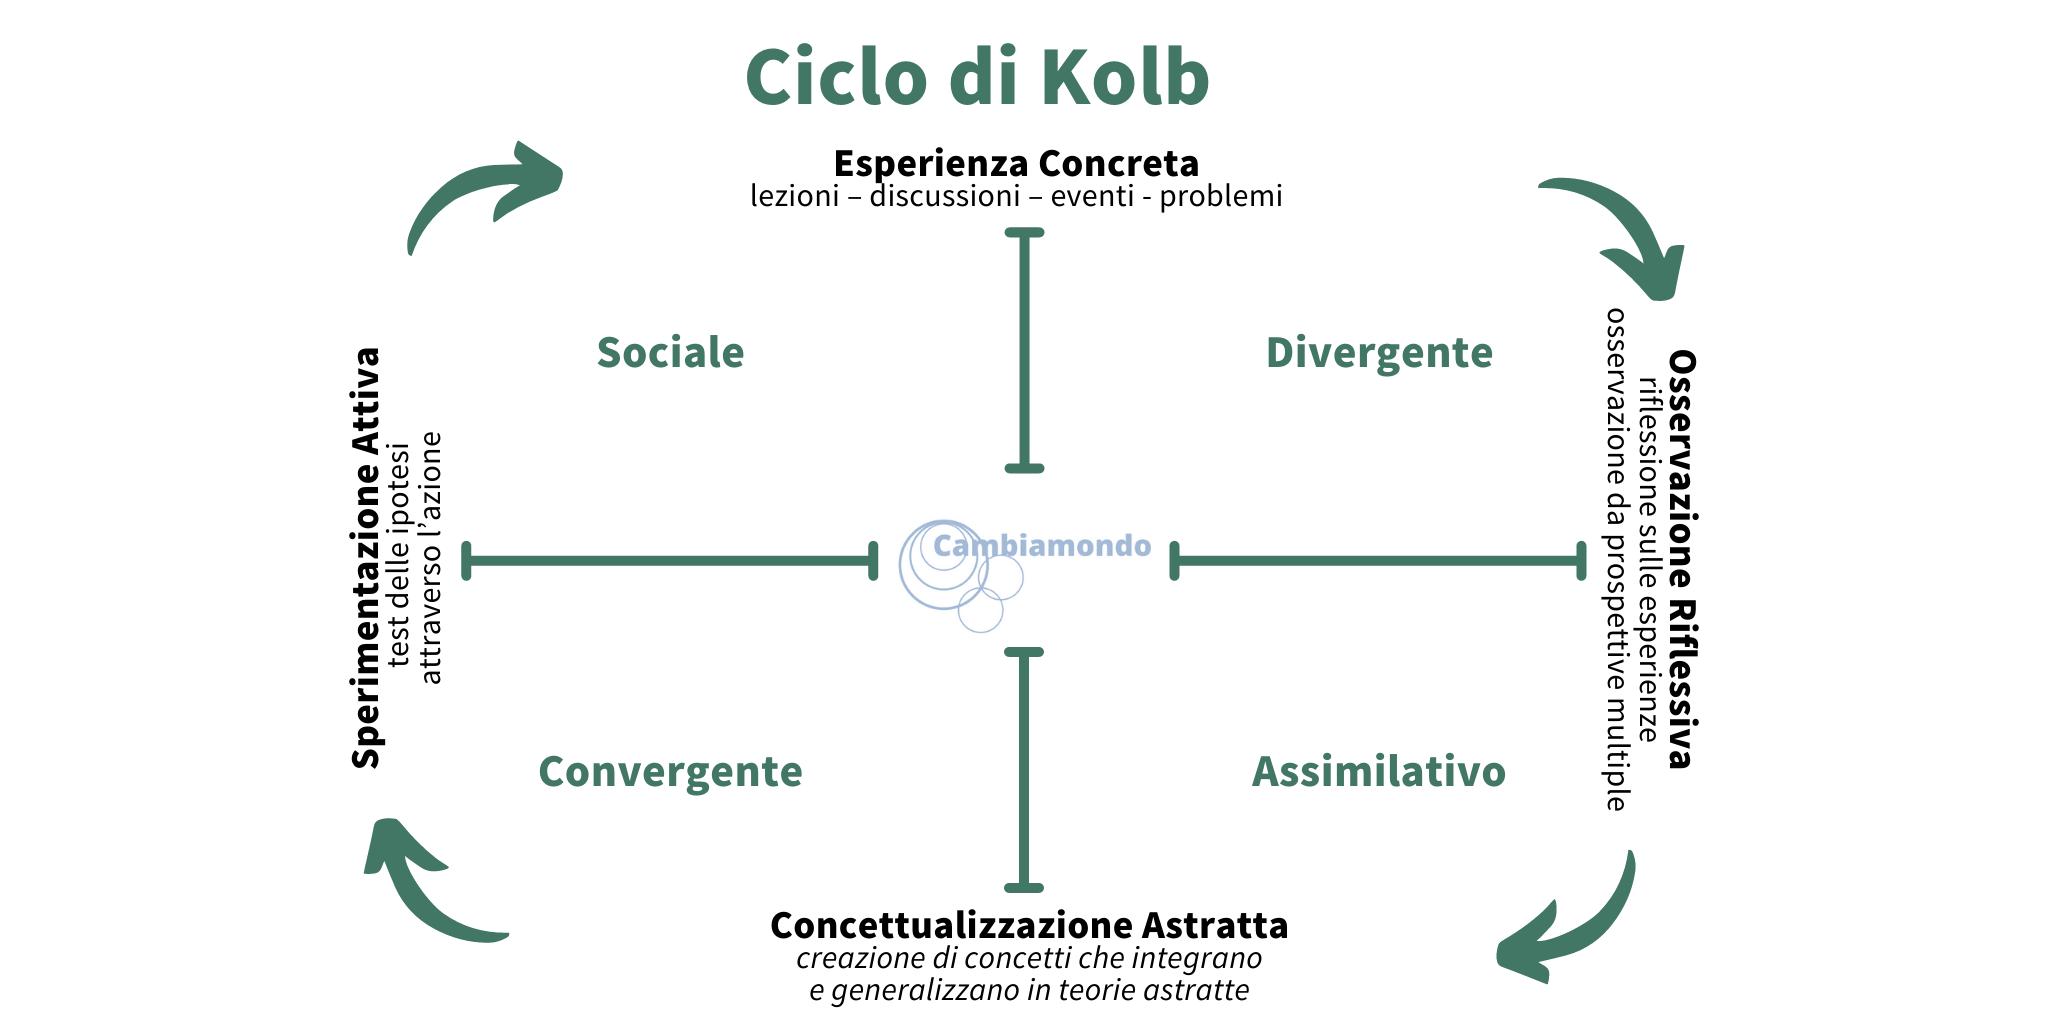 Ciclo di Kolb